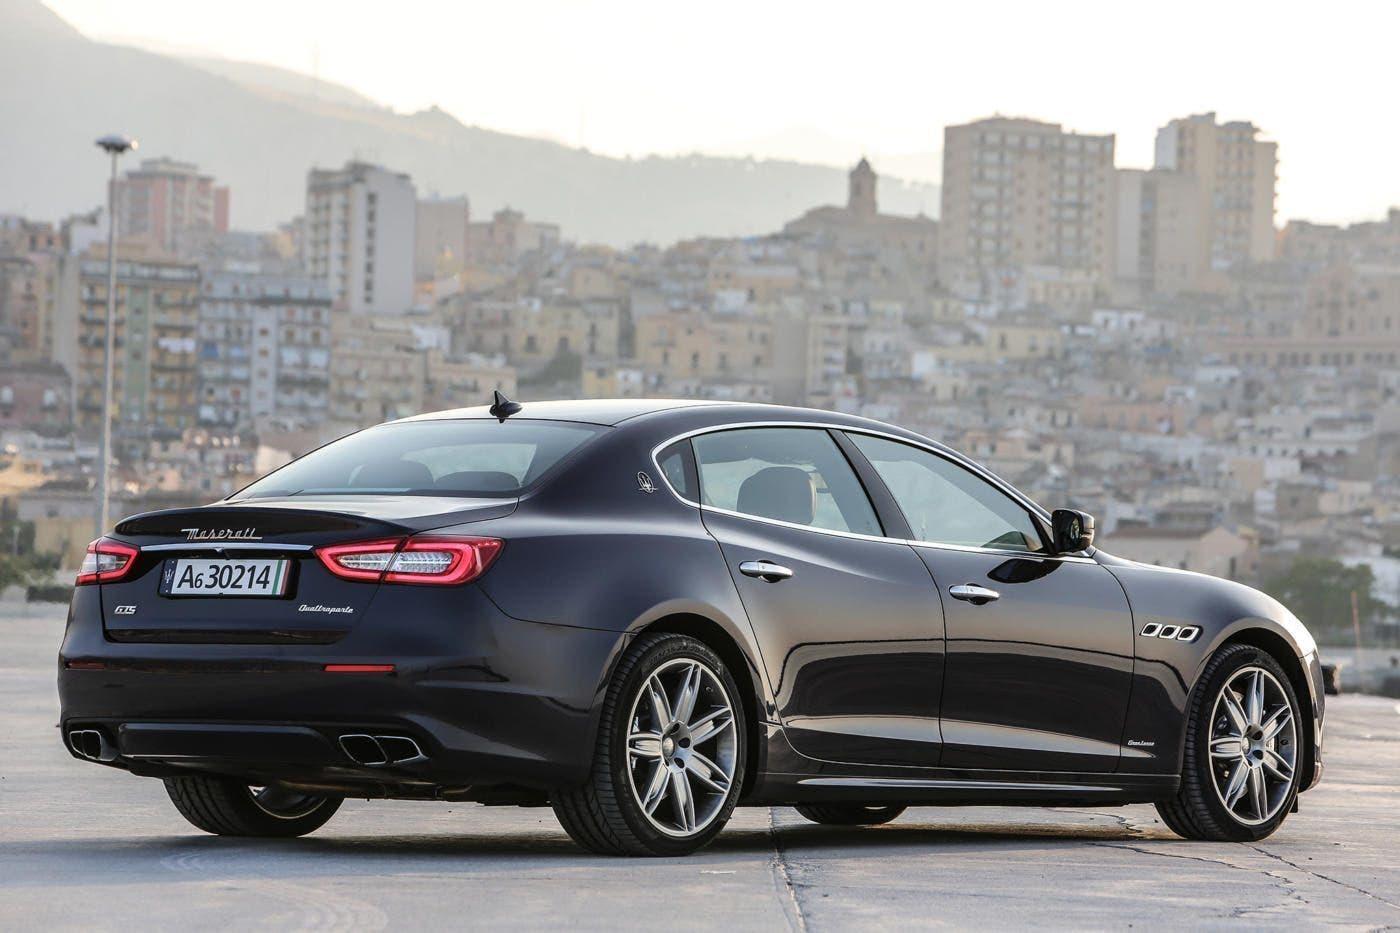 La nuova Maserati Quattroporte 2017